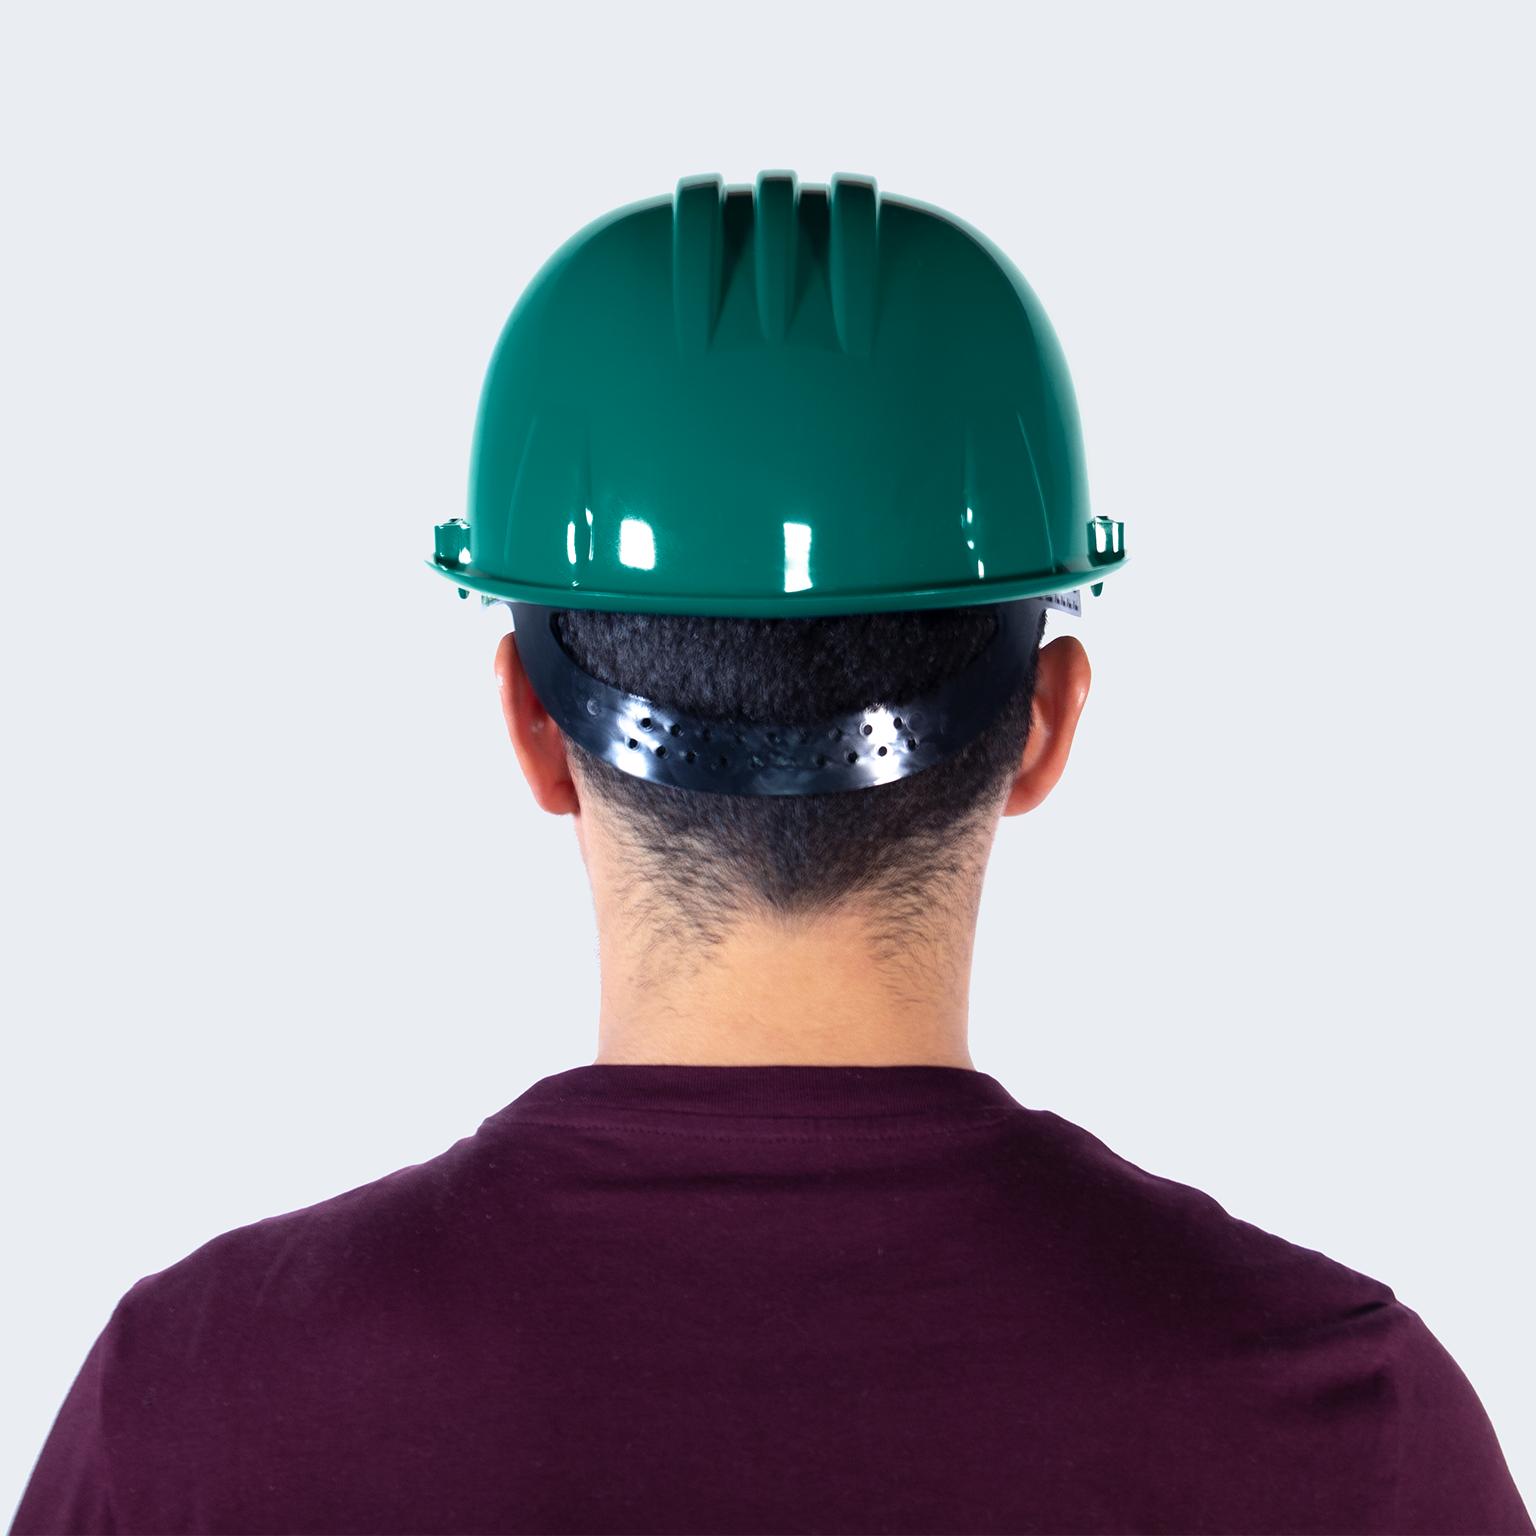 casco verde atras